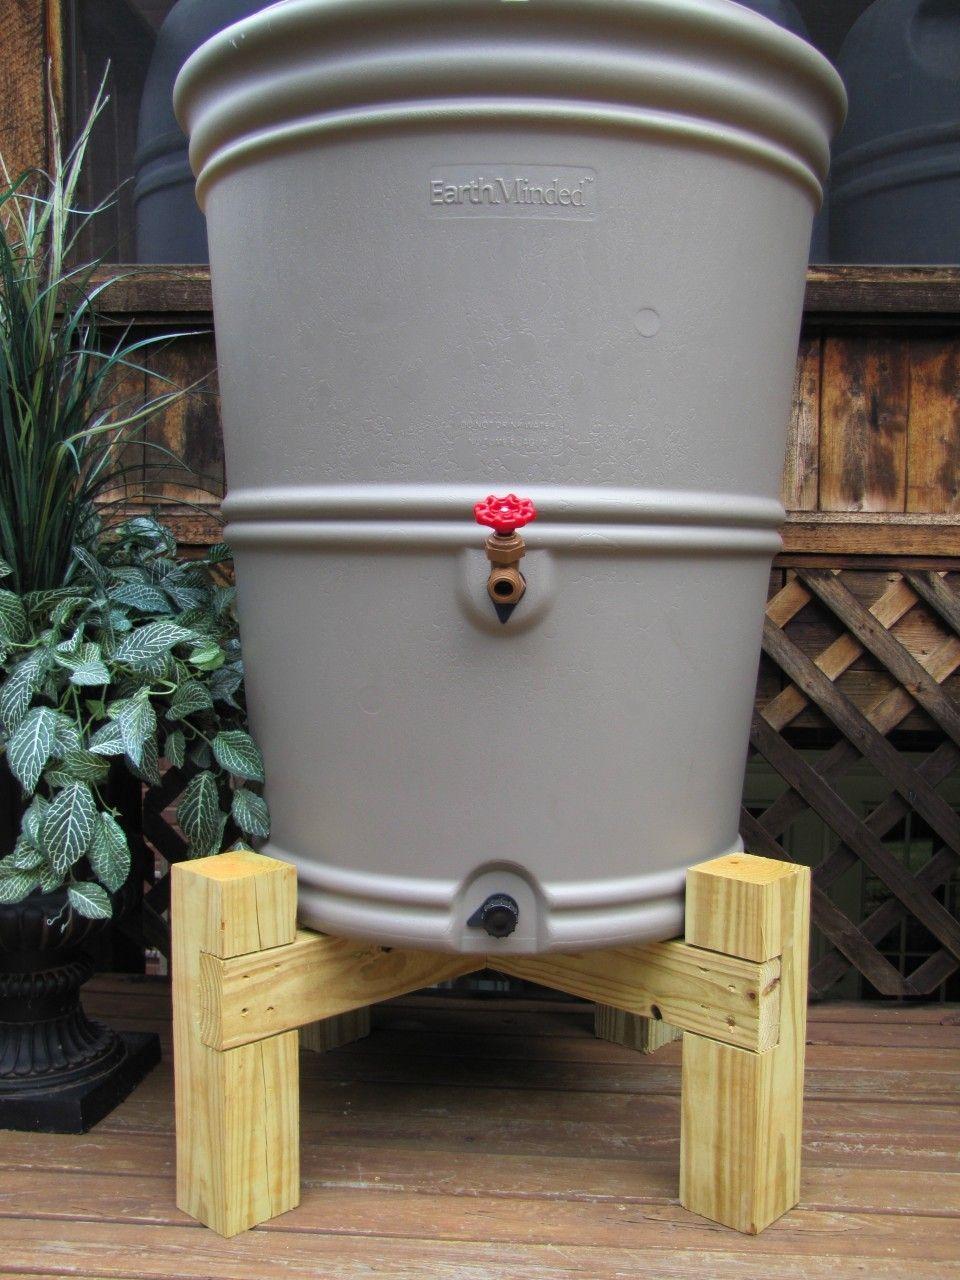 The Hamptons Rain Barrel Stand Rain Barrel Rain Barrel Stand Rain Barrels Diy